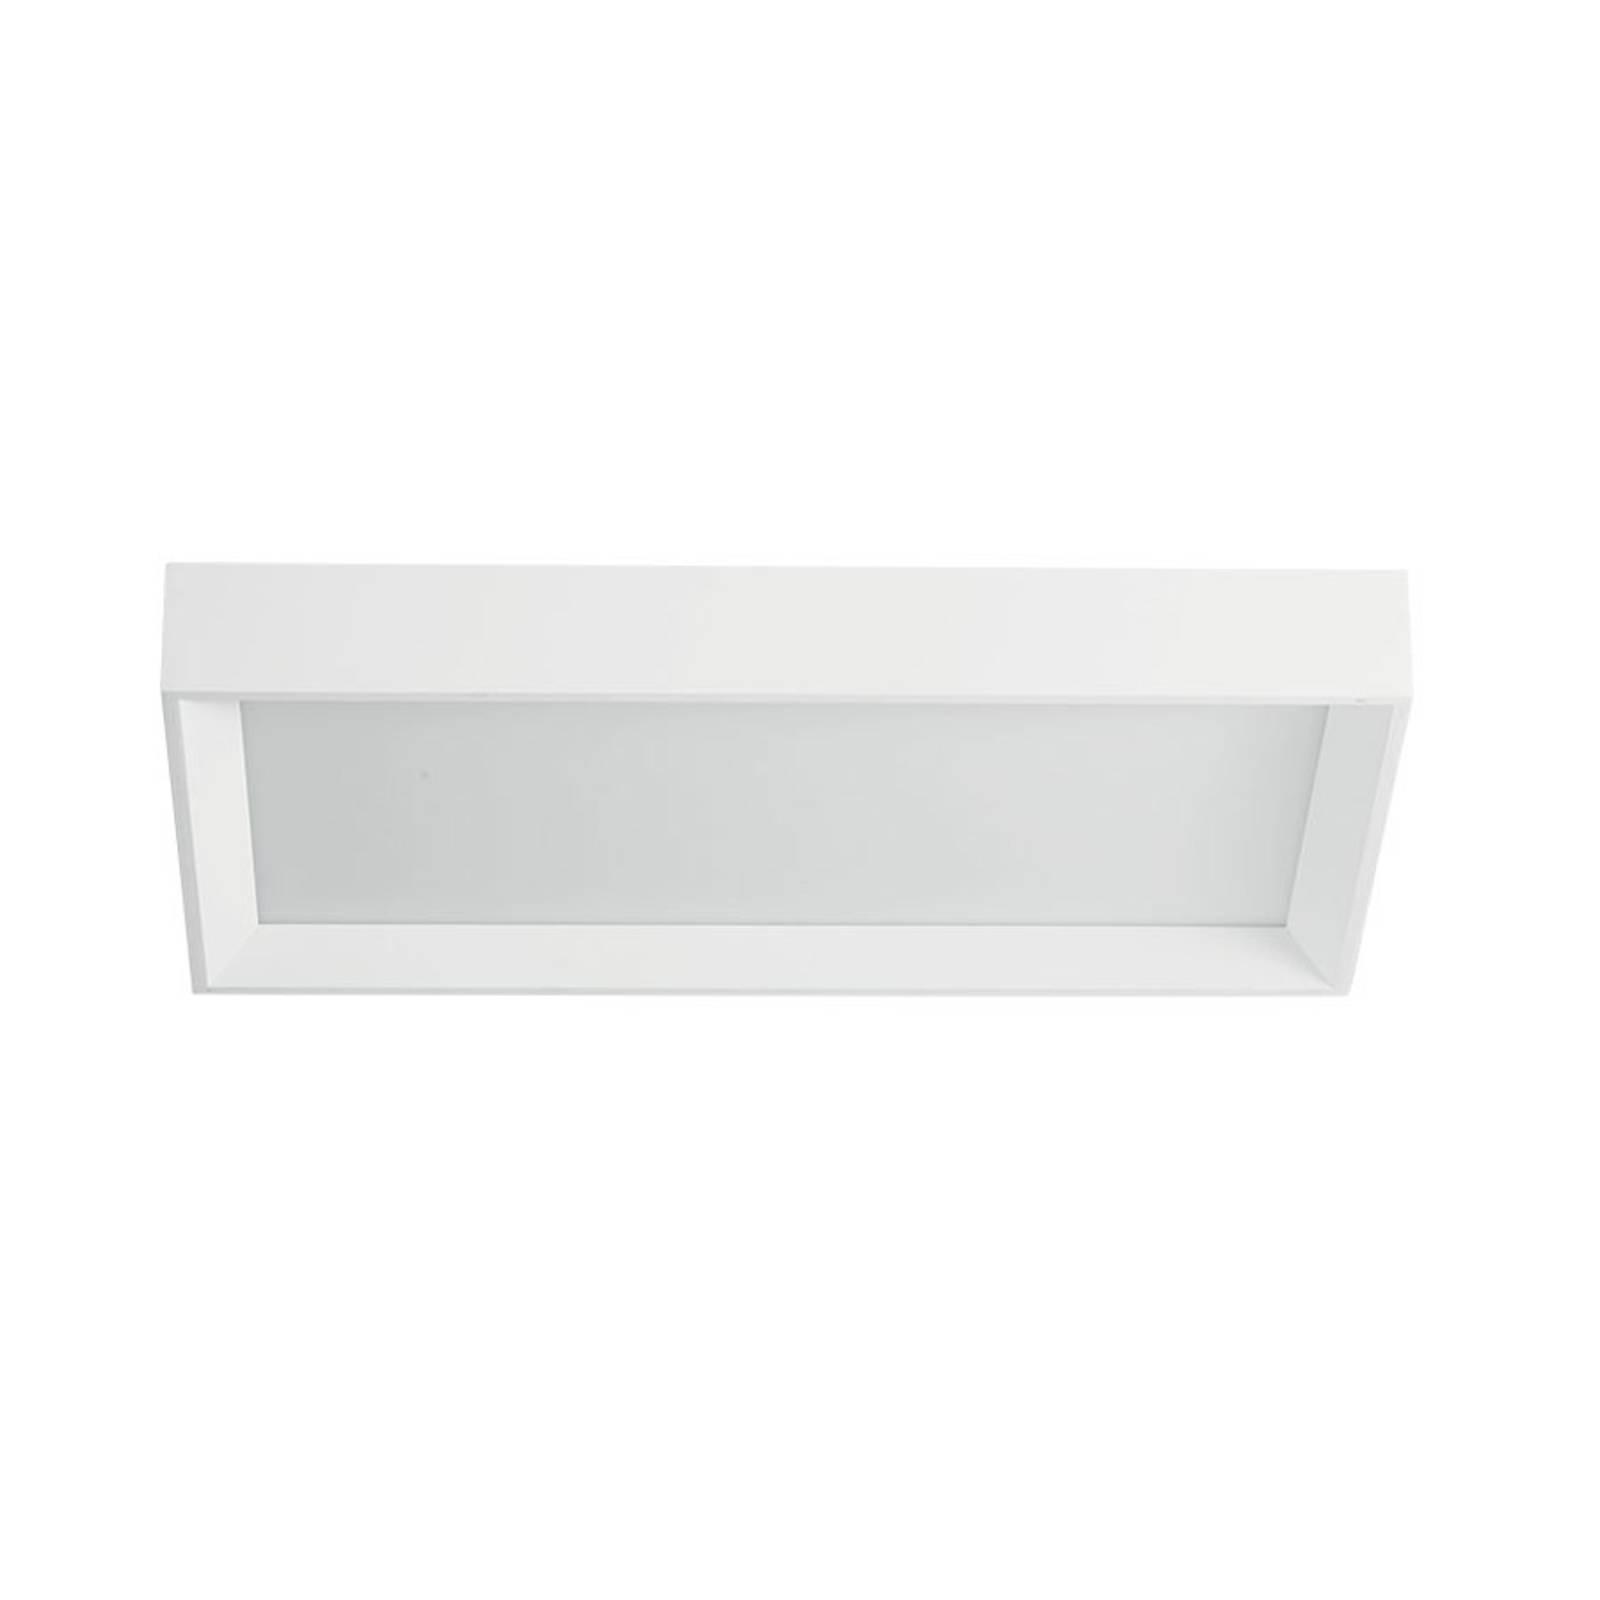 LED-kattovalaisin Tara, himmennettävä, 54 x 29 cm